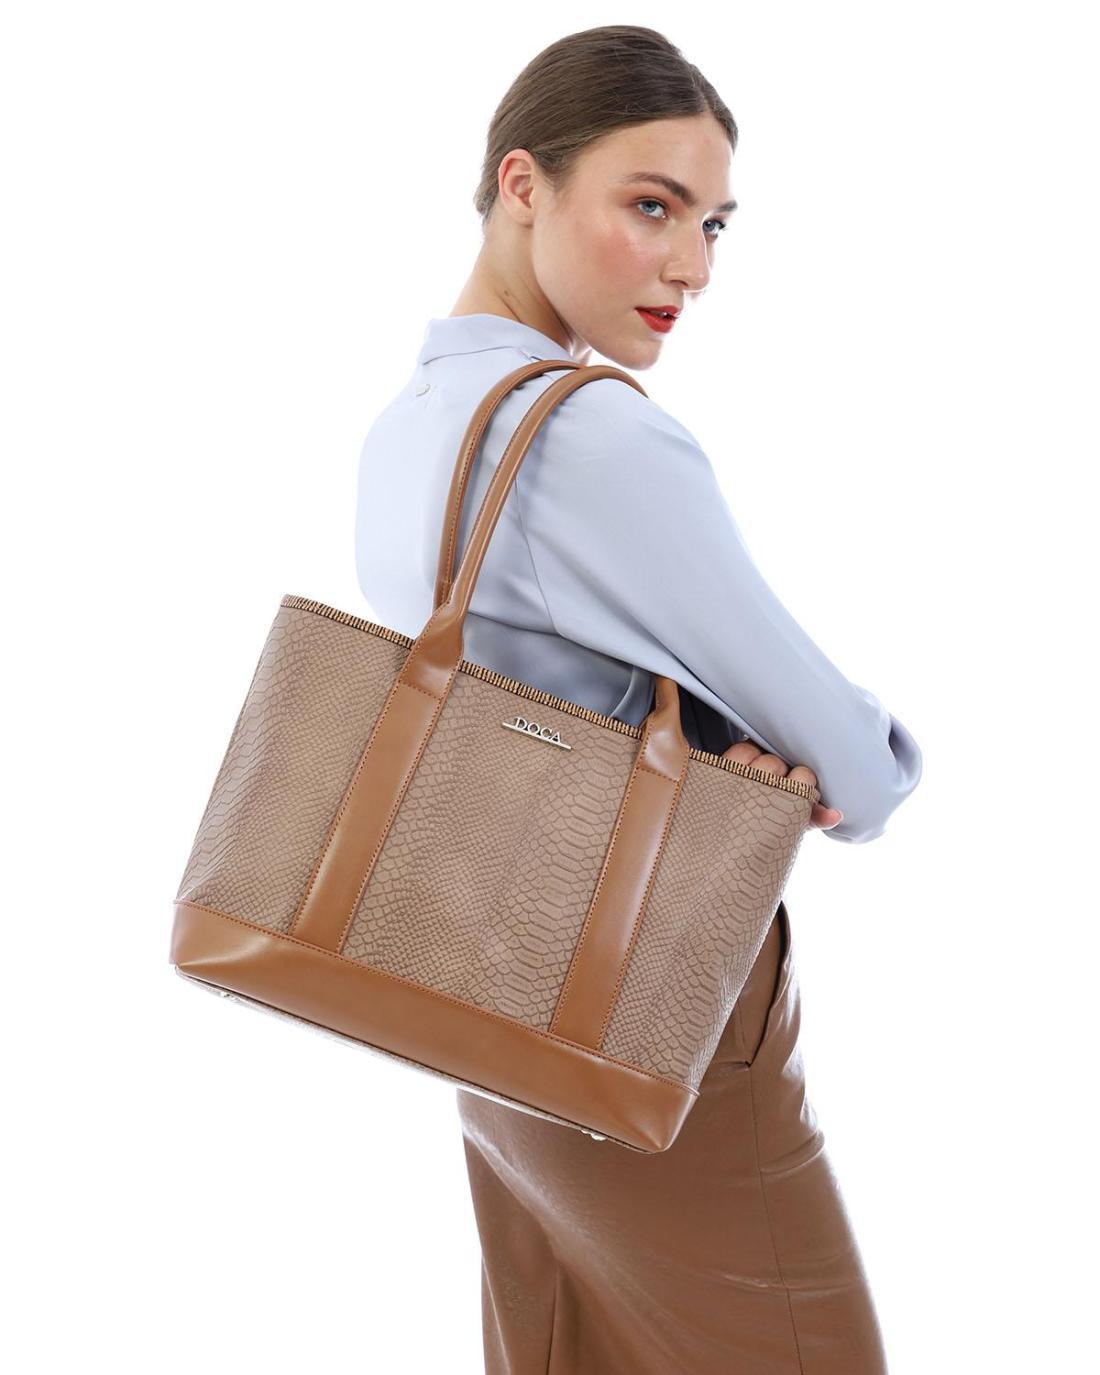 Καθημερινή τσάντα καφέ